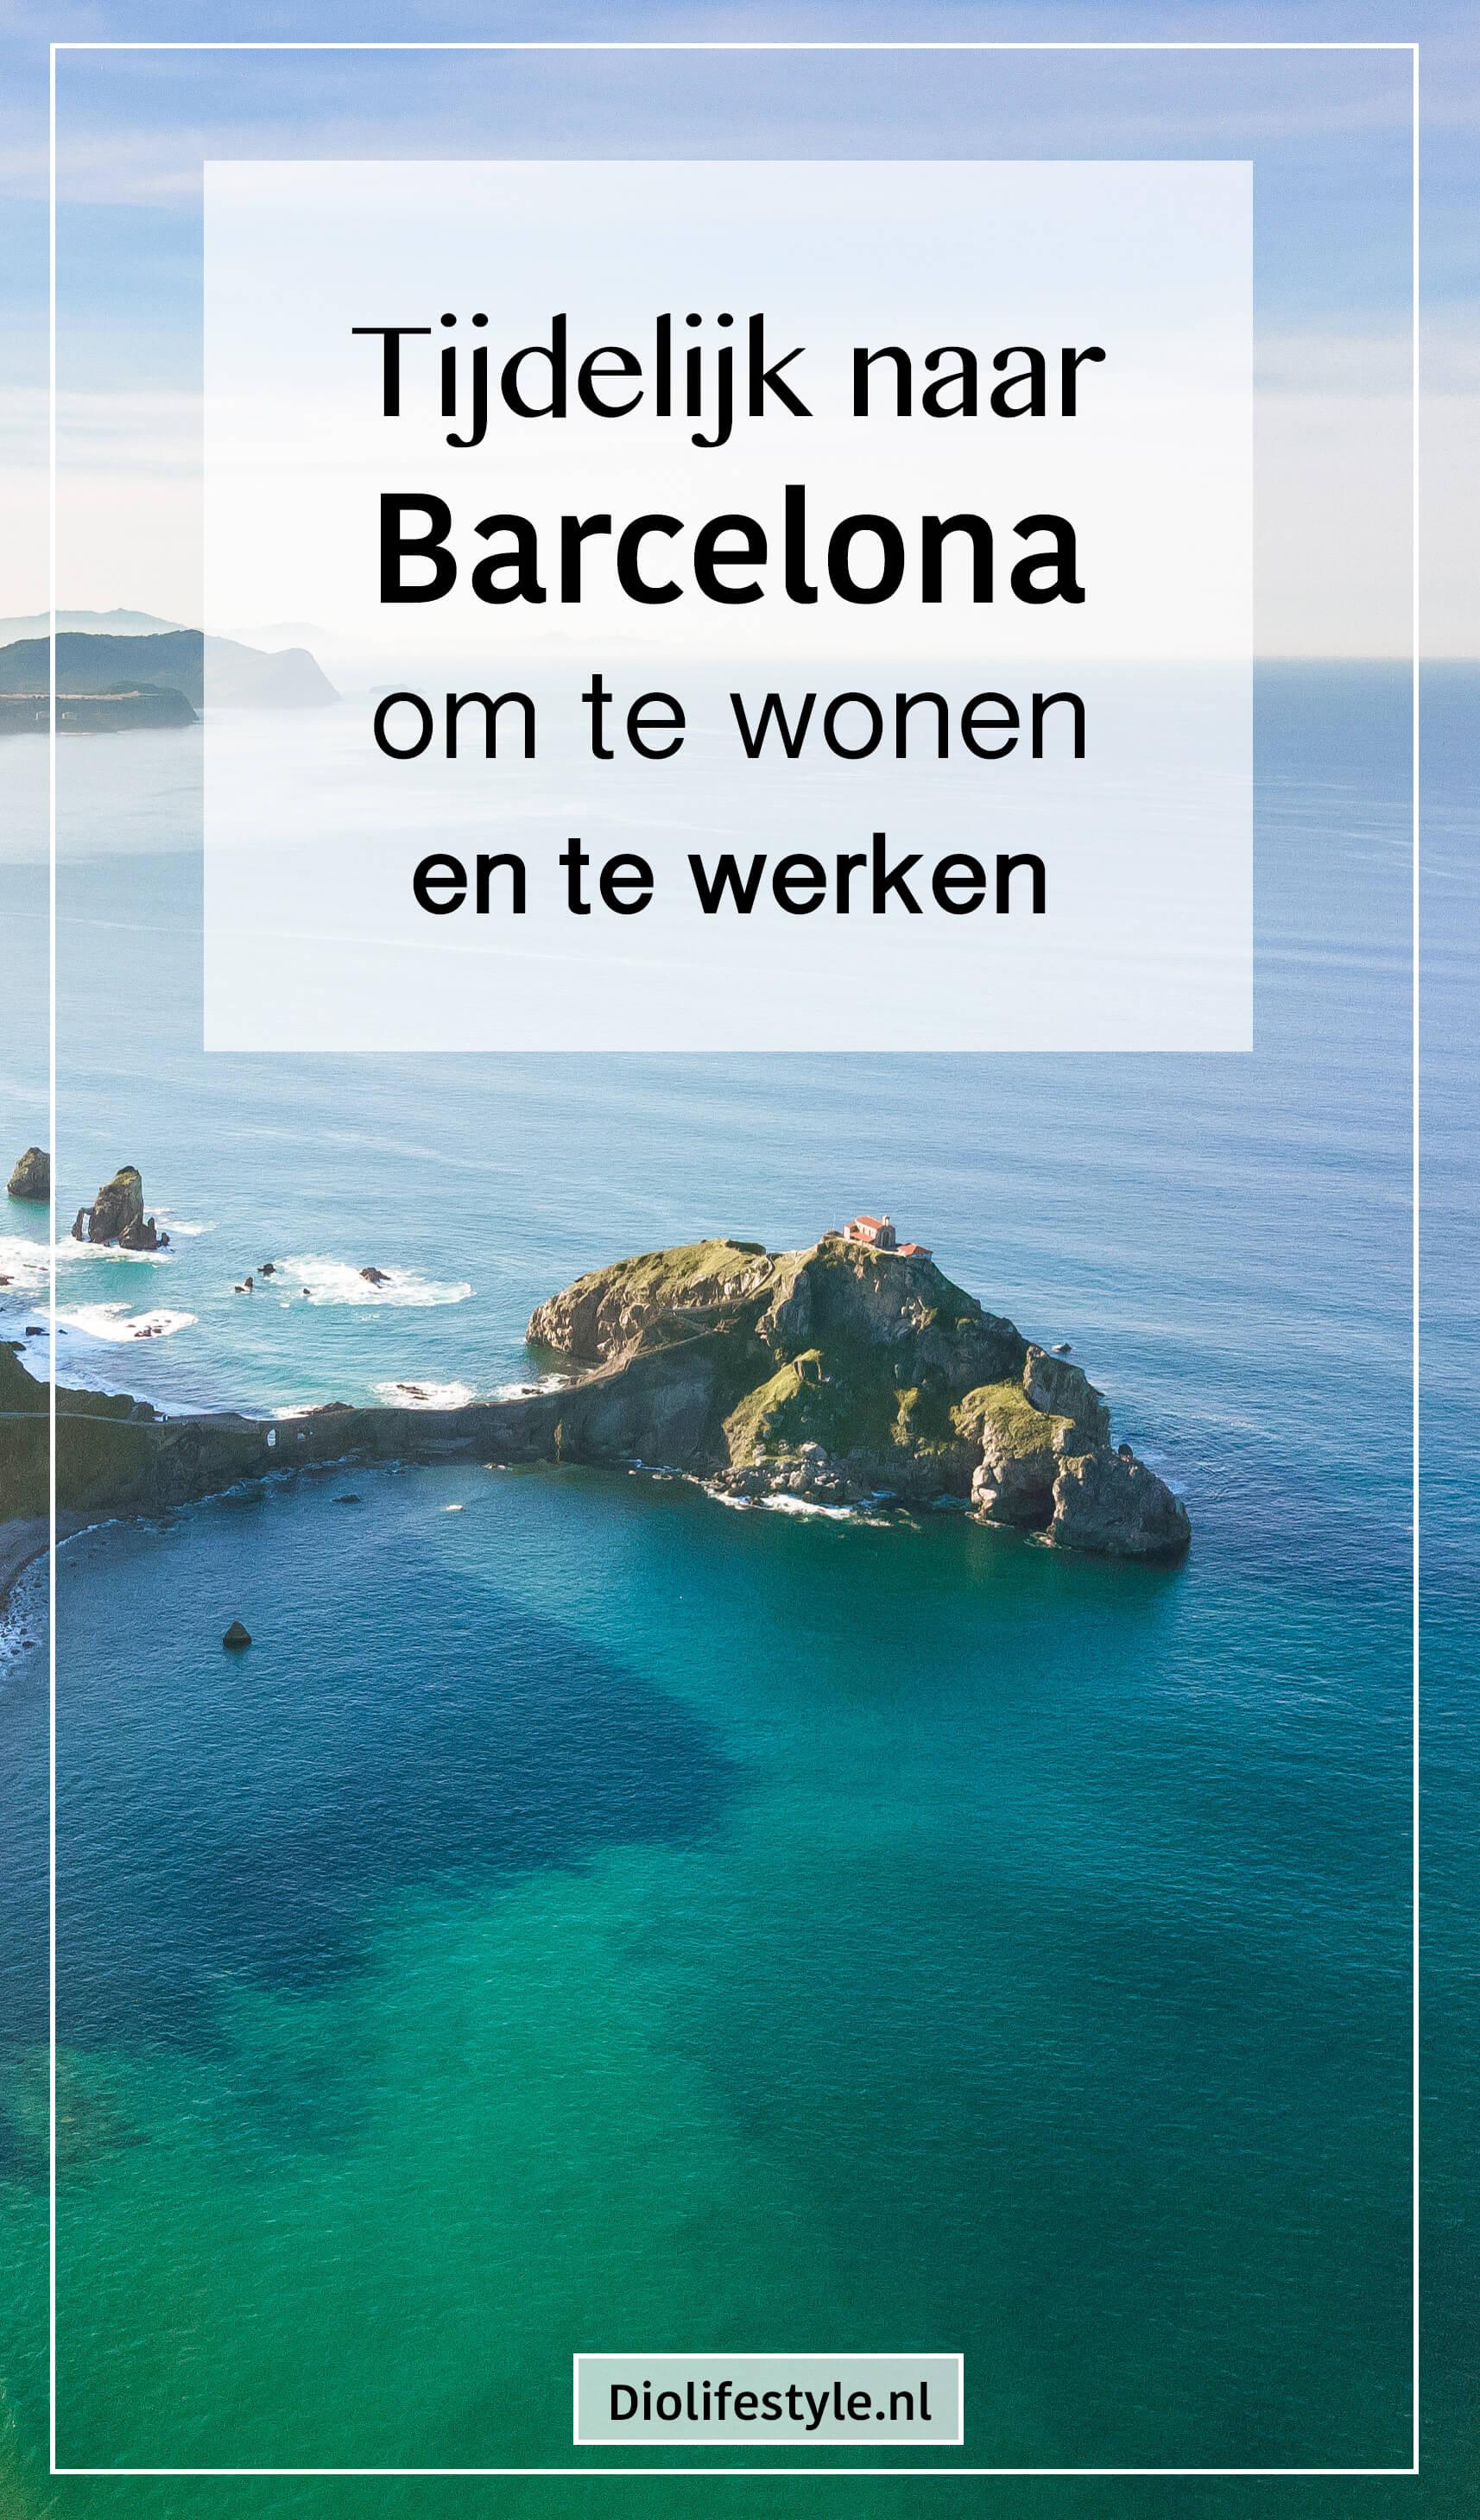 Tijdelijk naar Barcelona om te wonen en te werken